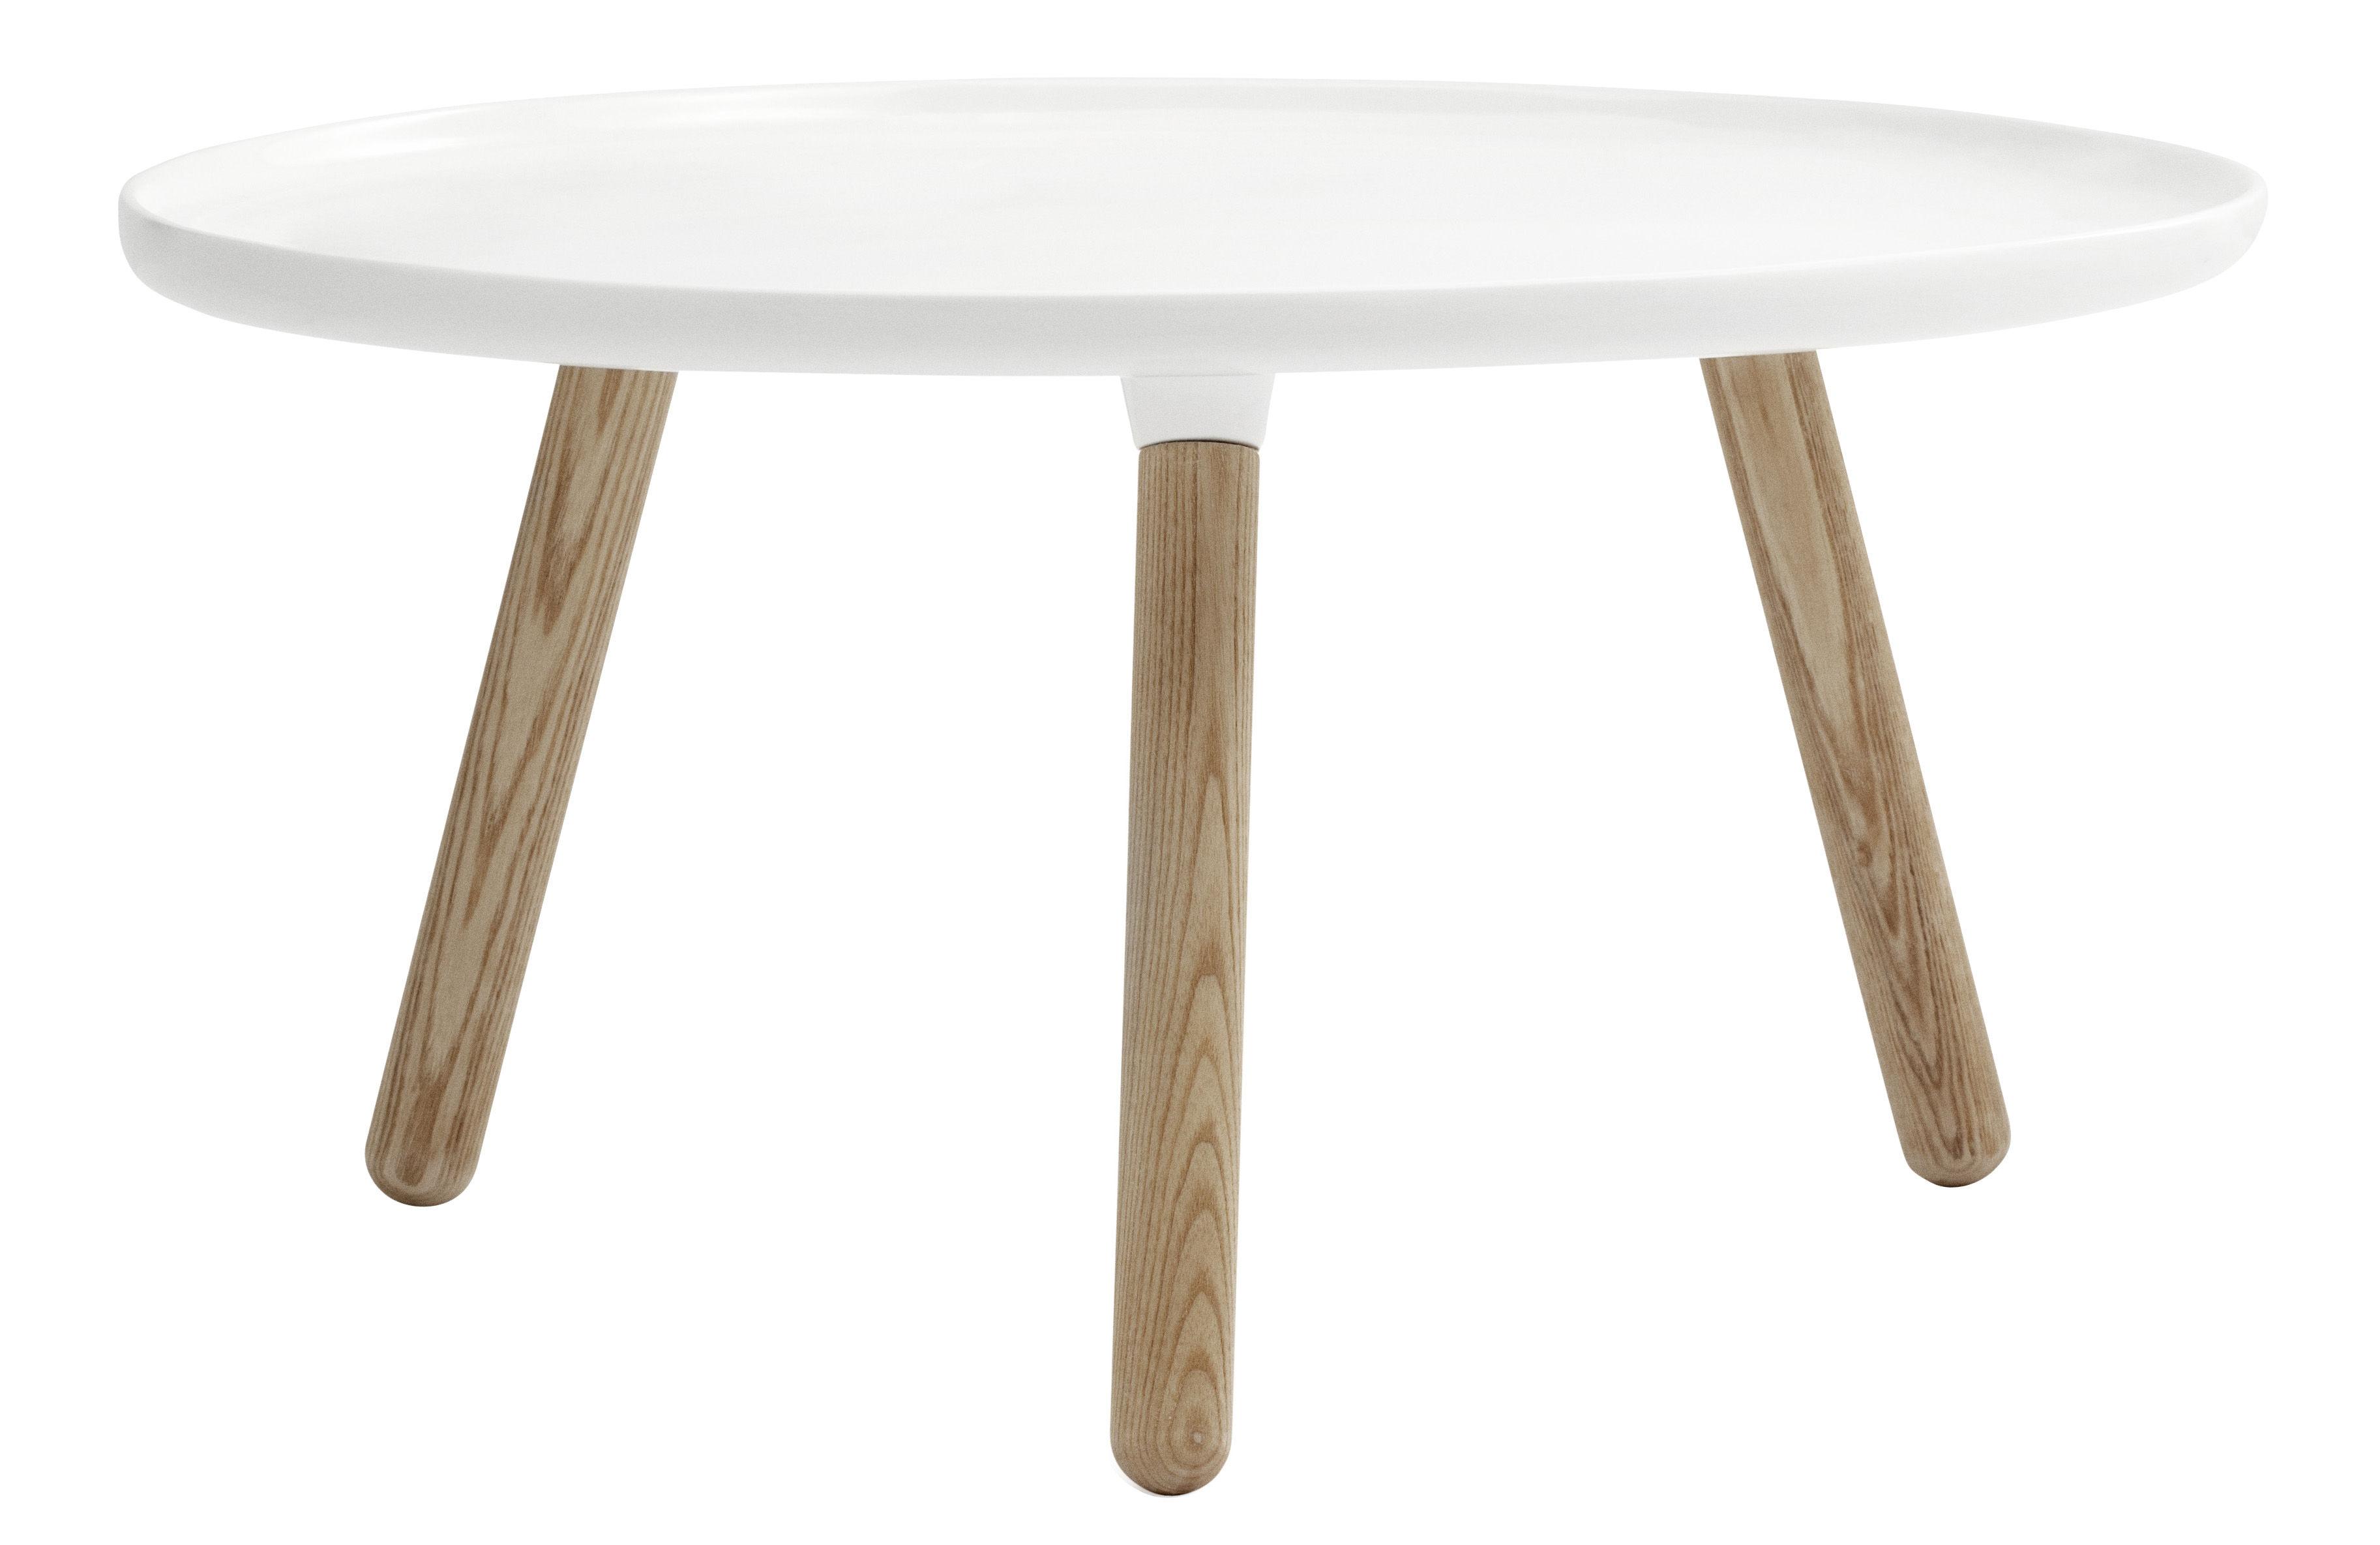 Mobilier - Tables basses - Table basse Tablo Large / Ø 78 cm - Normann Copenhagen - Blanc - Frêne naturel, Matériau composite